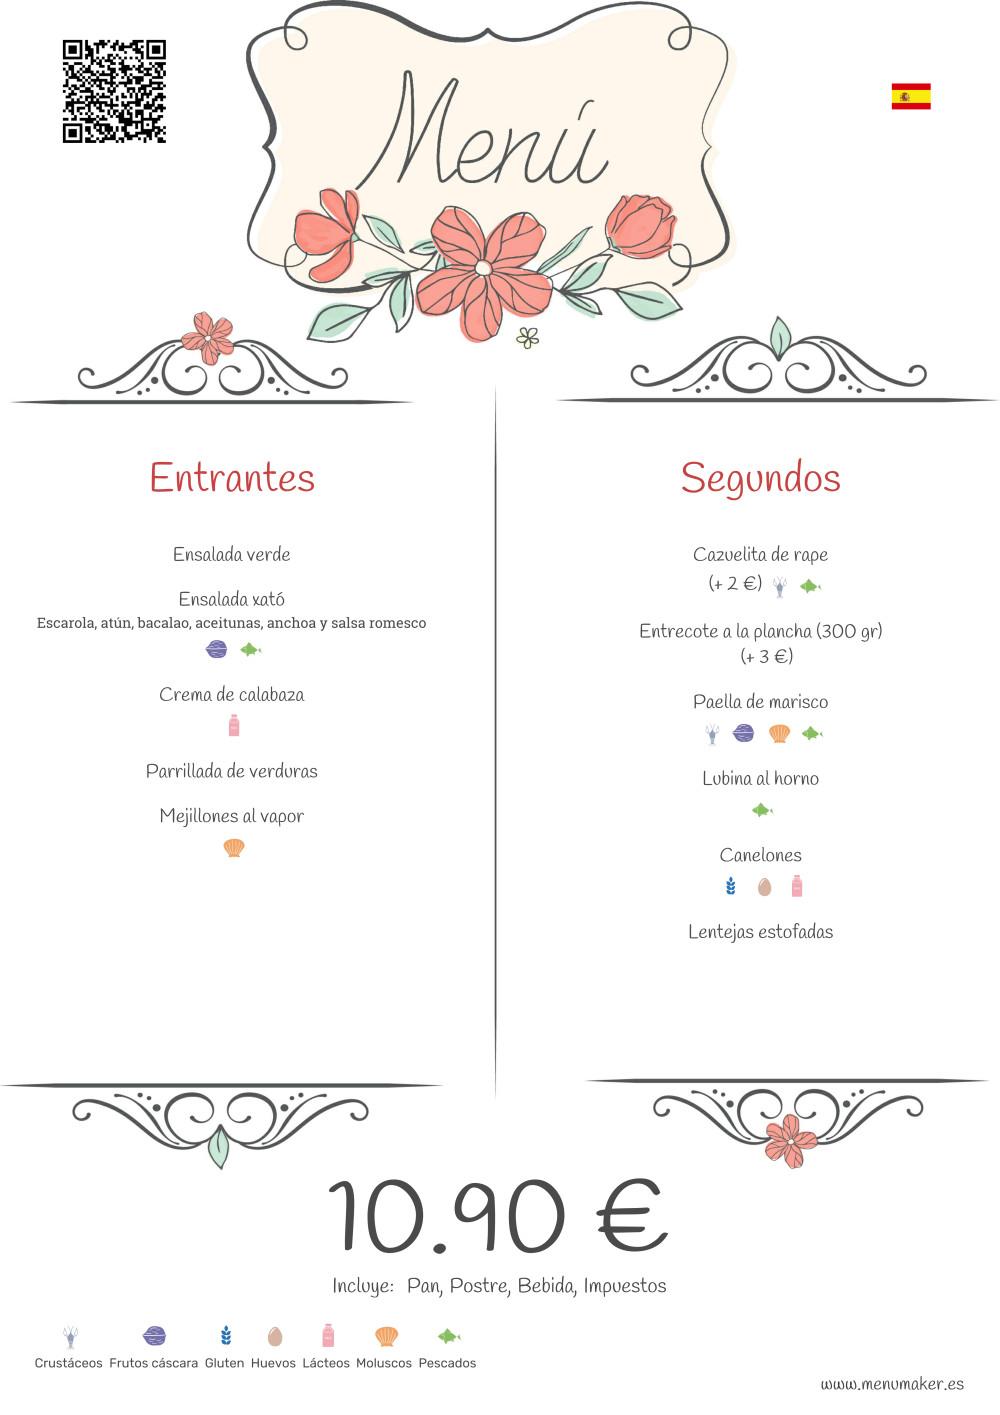 Cómo elegir la plantilla que mejor va al diseño de la carta de tu restaurante